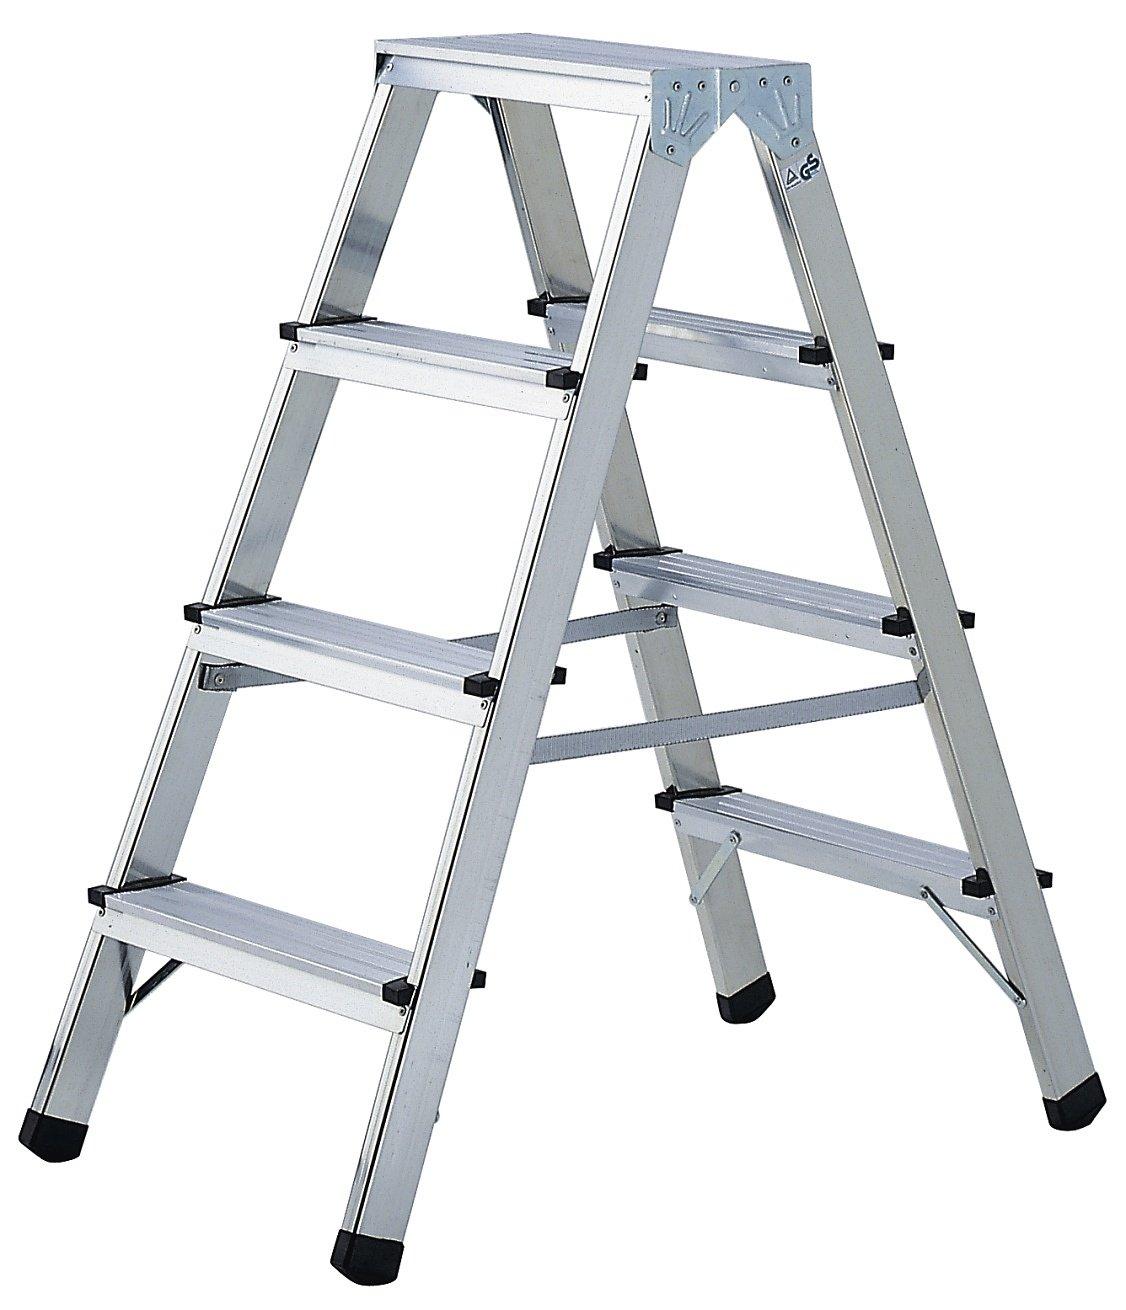 Brennenstuhl 1412040 Doppelstufenleiter Aluminium Handwerkerqualität 2 x 3 Stufen  BaumarktKritiken und weitere Infos